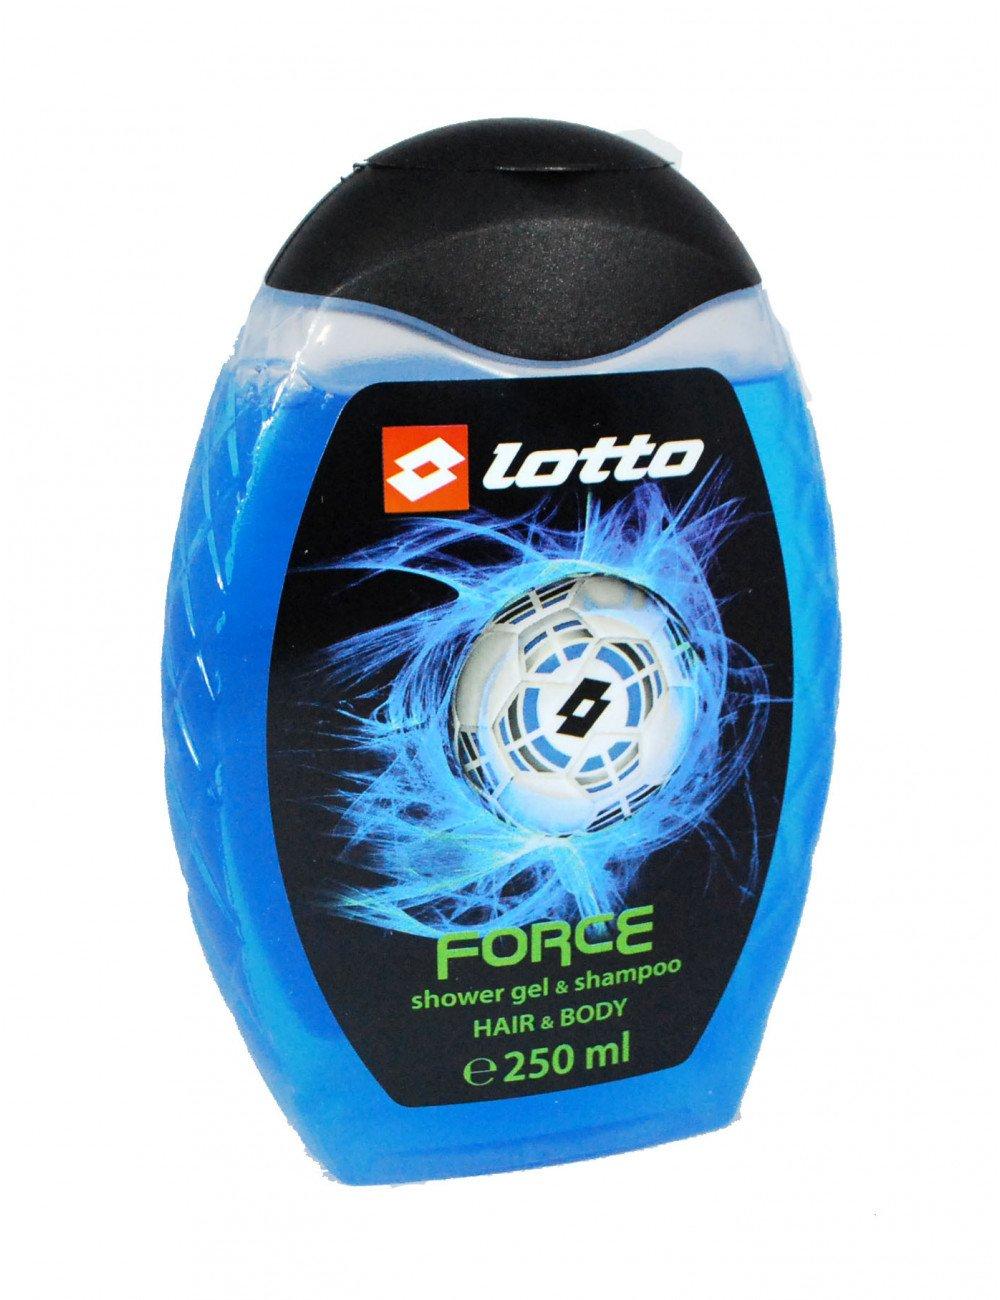 شامپو مو و بدن لوتو مدل force حجم 250 میلی لیتر